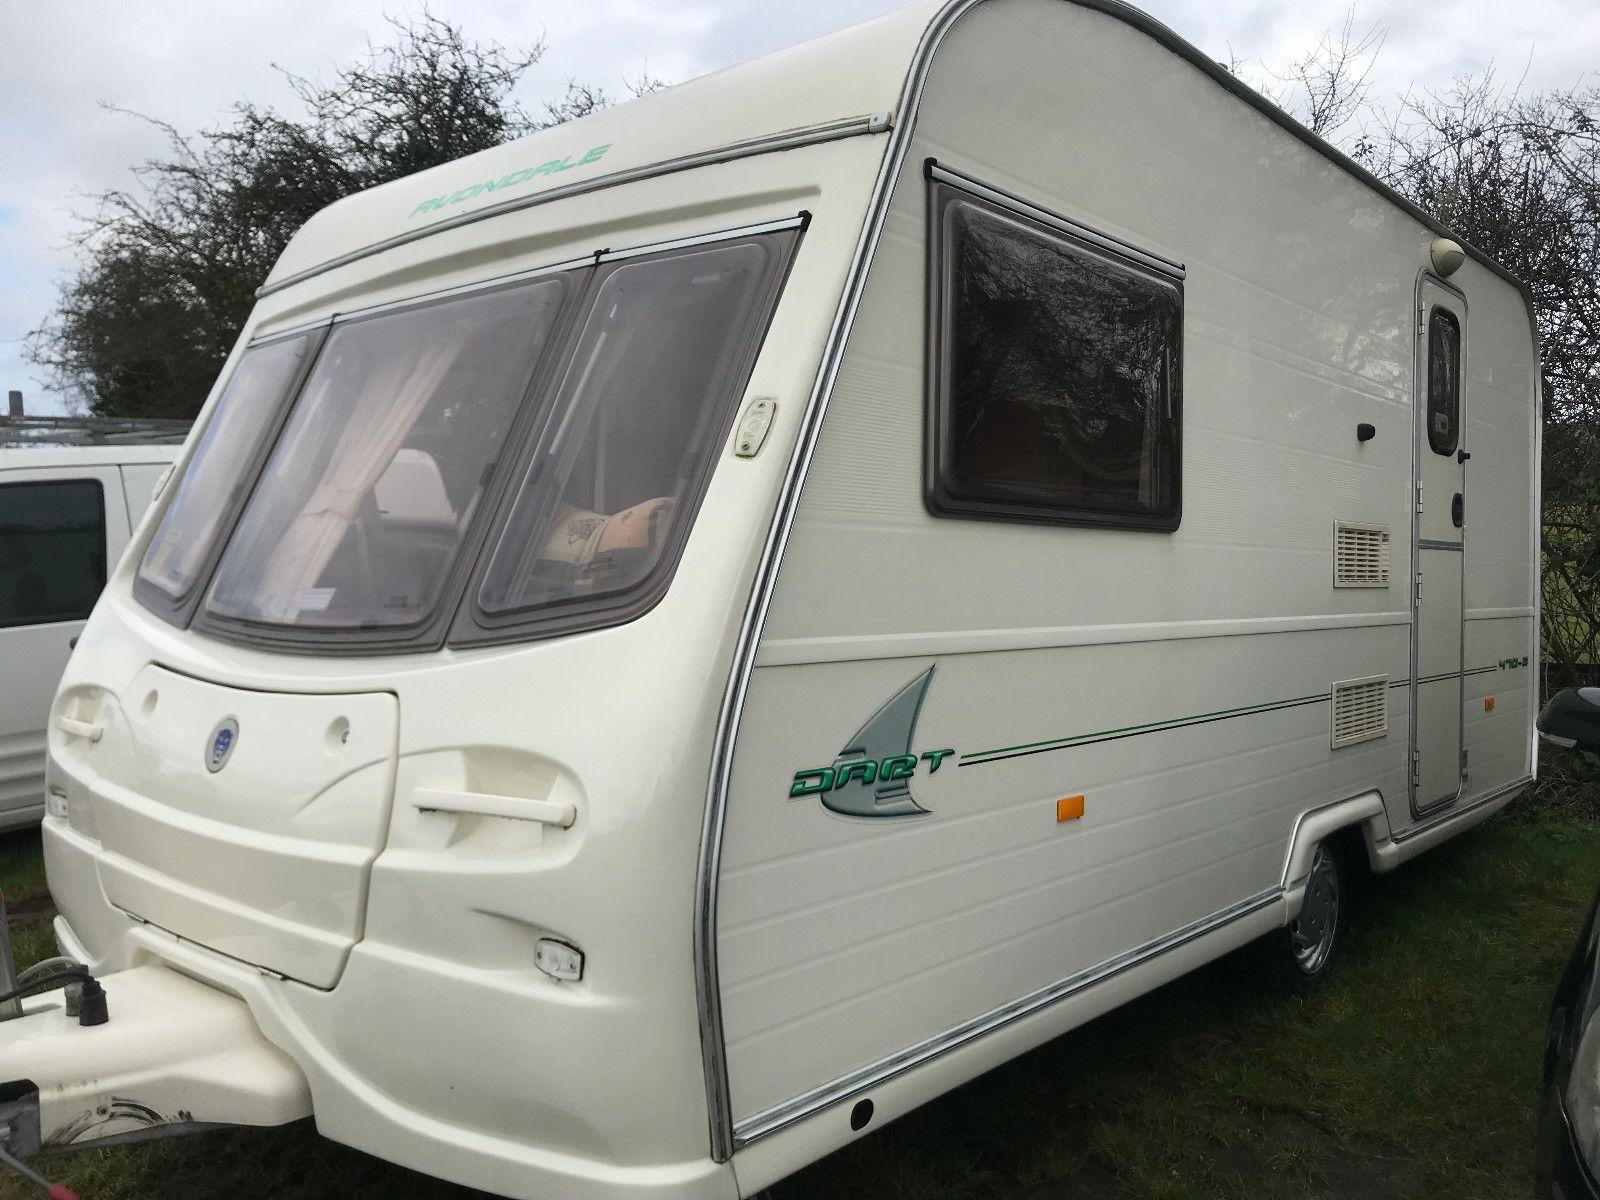 Ebay Ebay Avondale Dart 2 Berth Large Skylight Full Size Tent